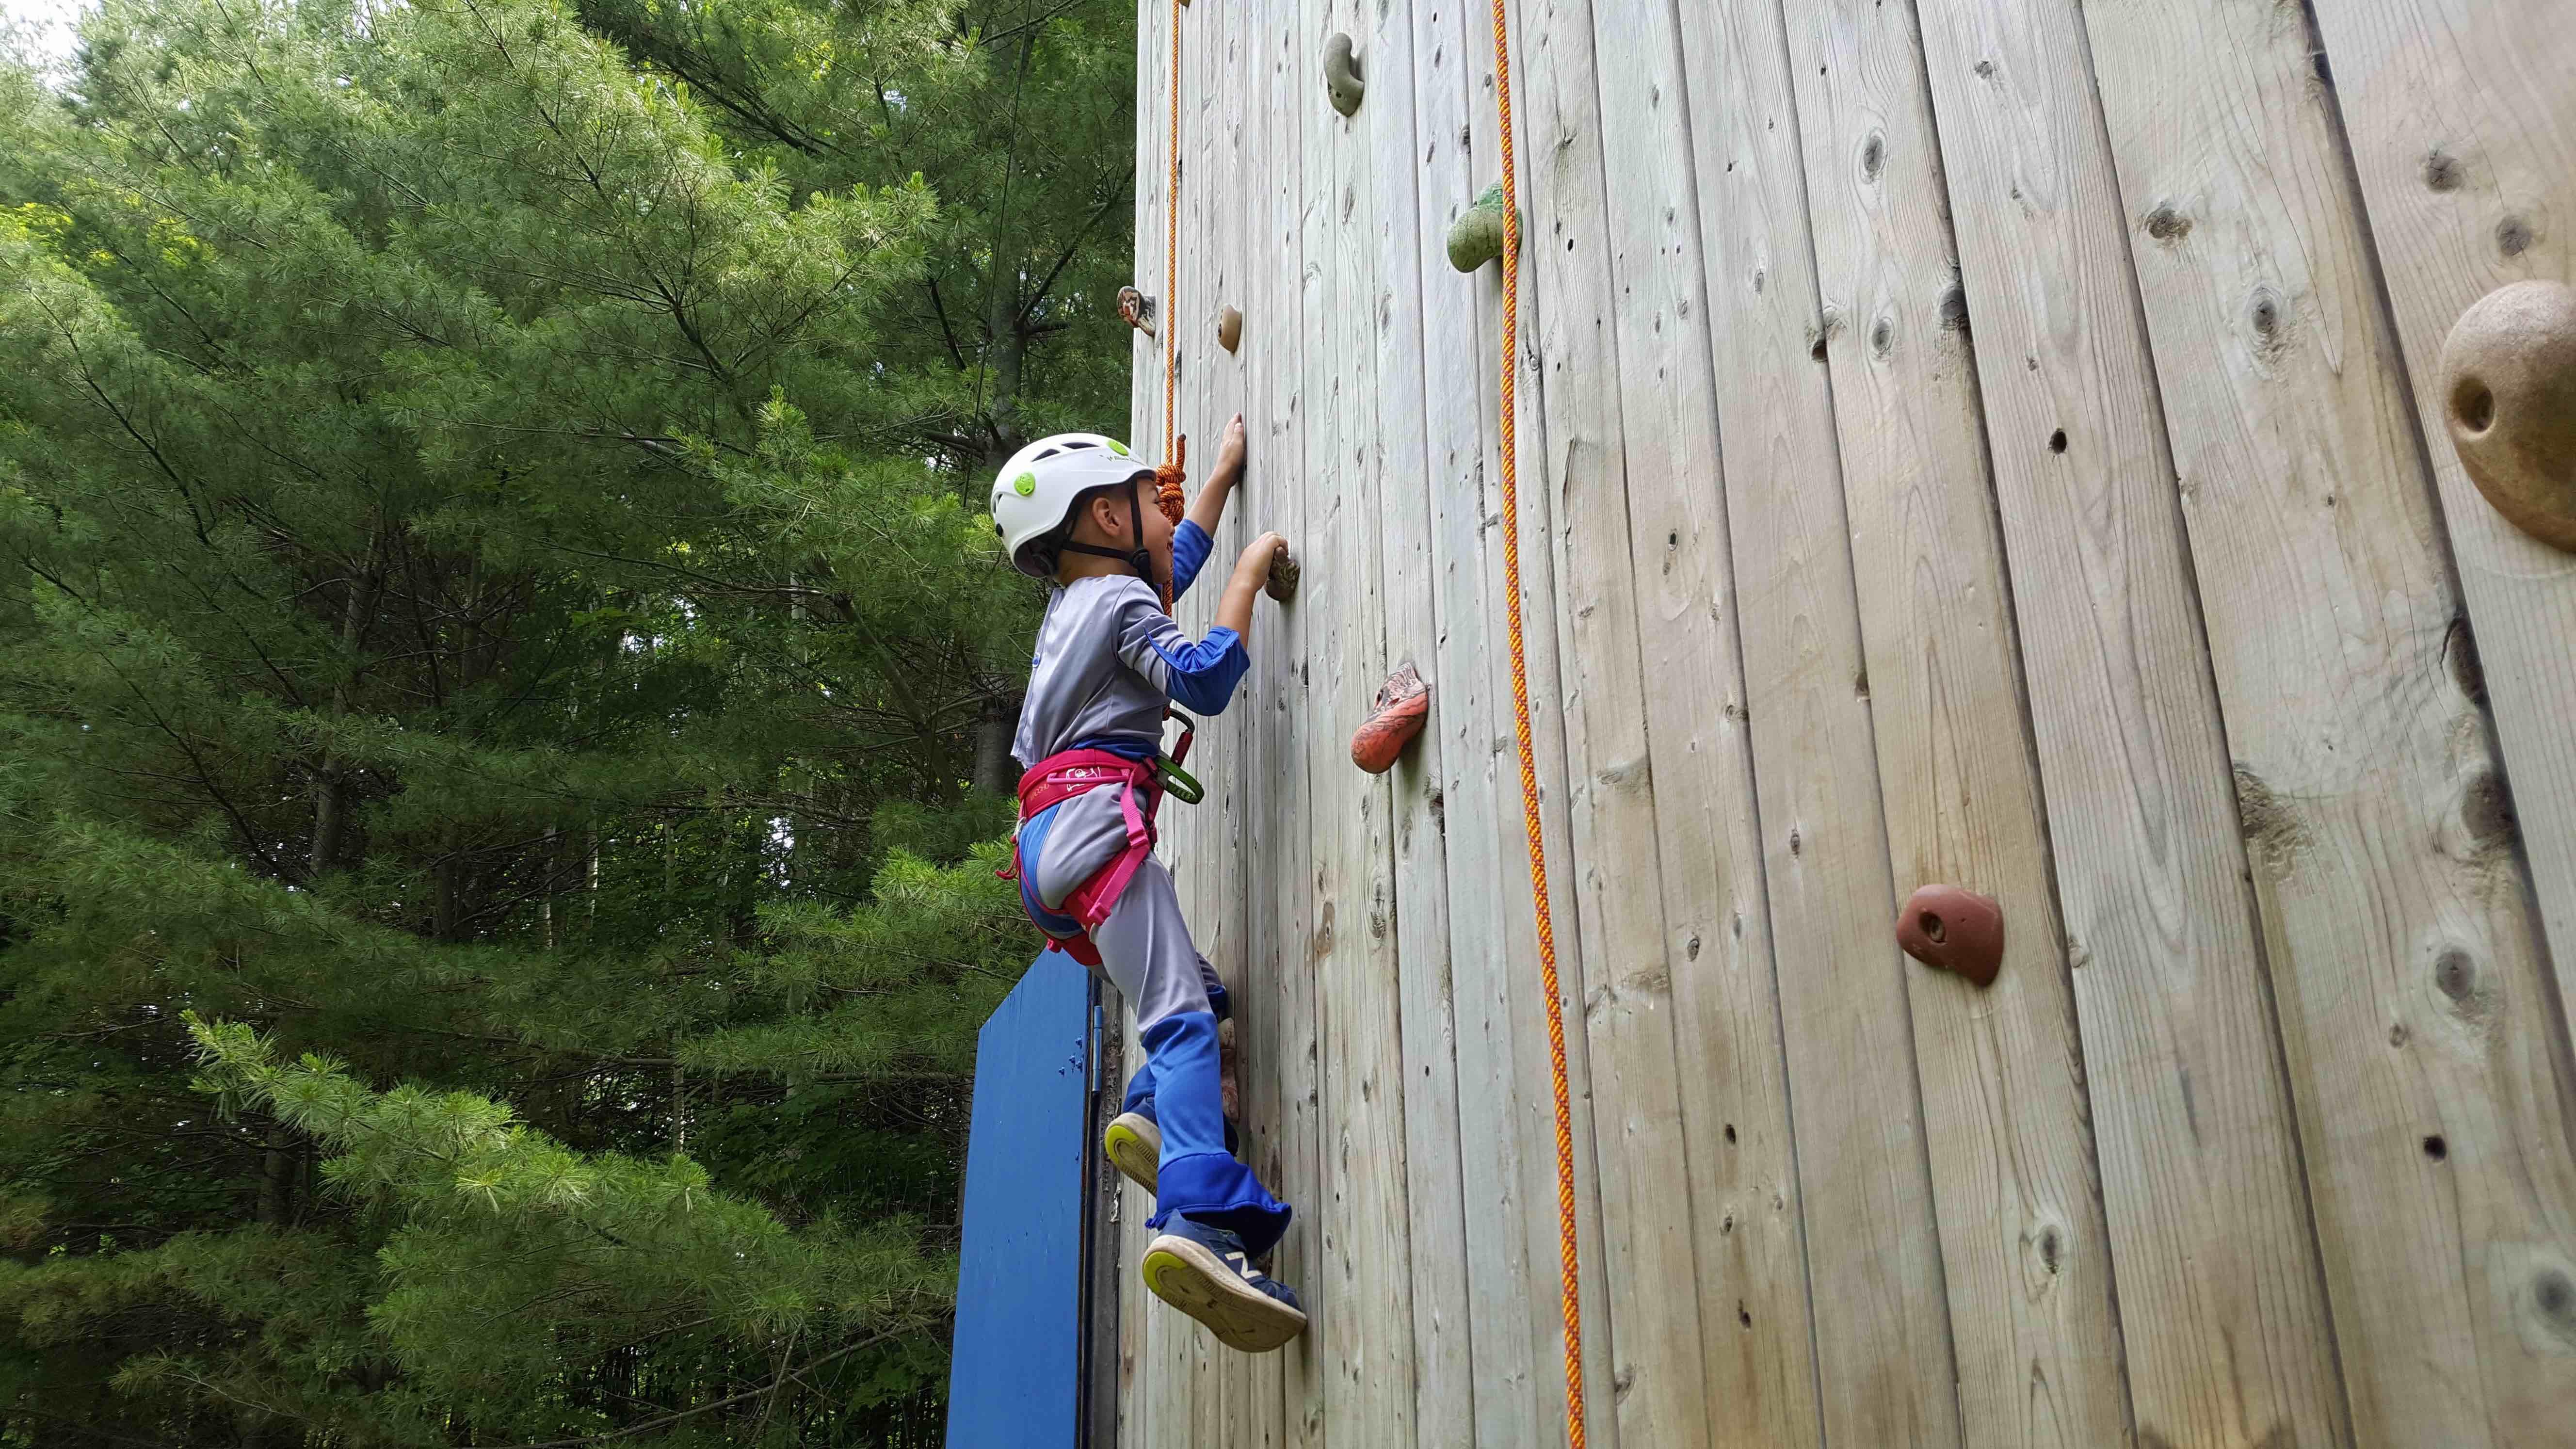 The Rock Climbing Wall At Camp Celiac